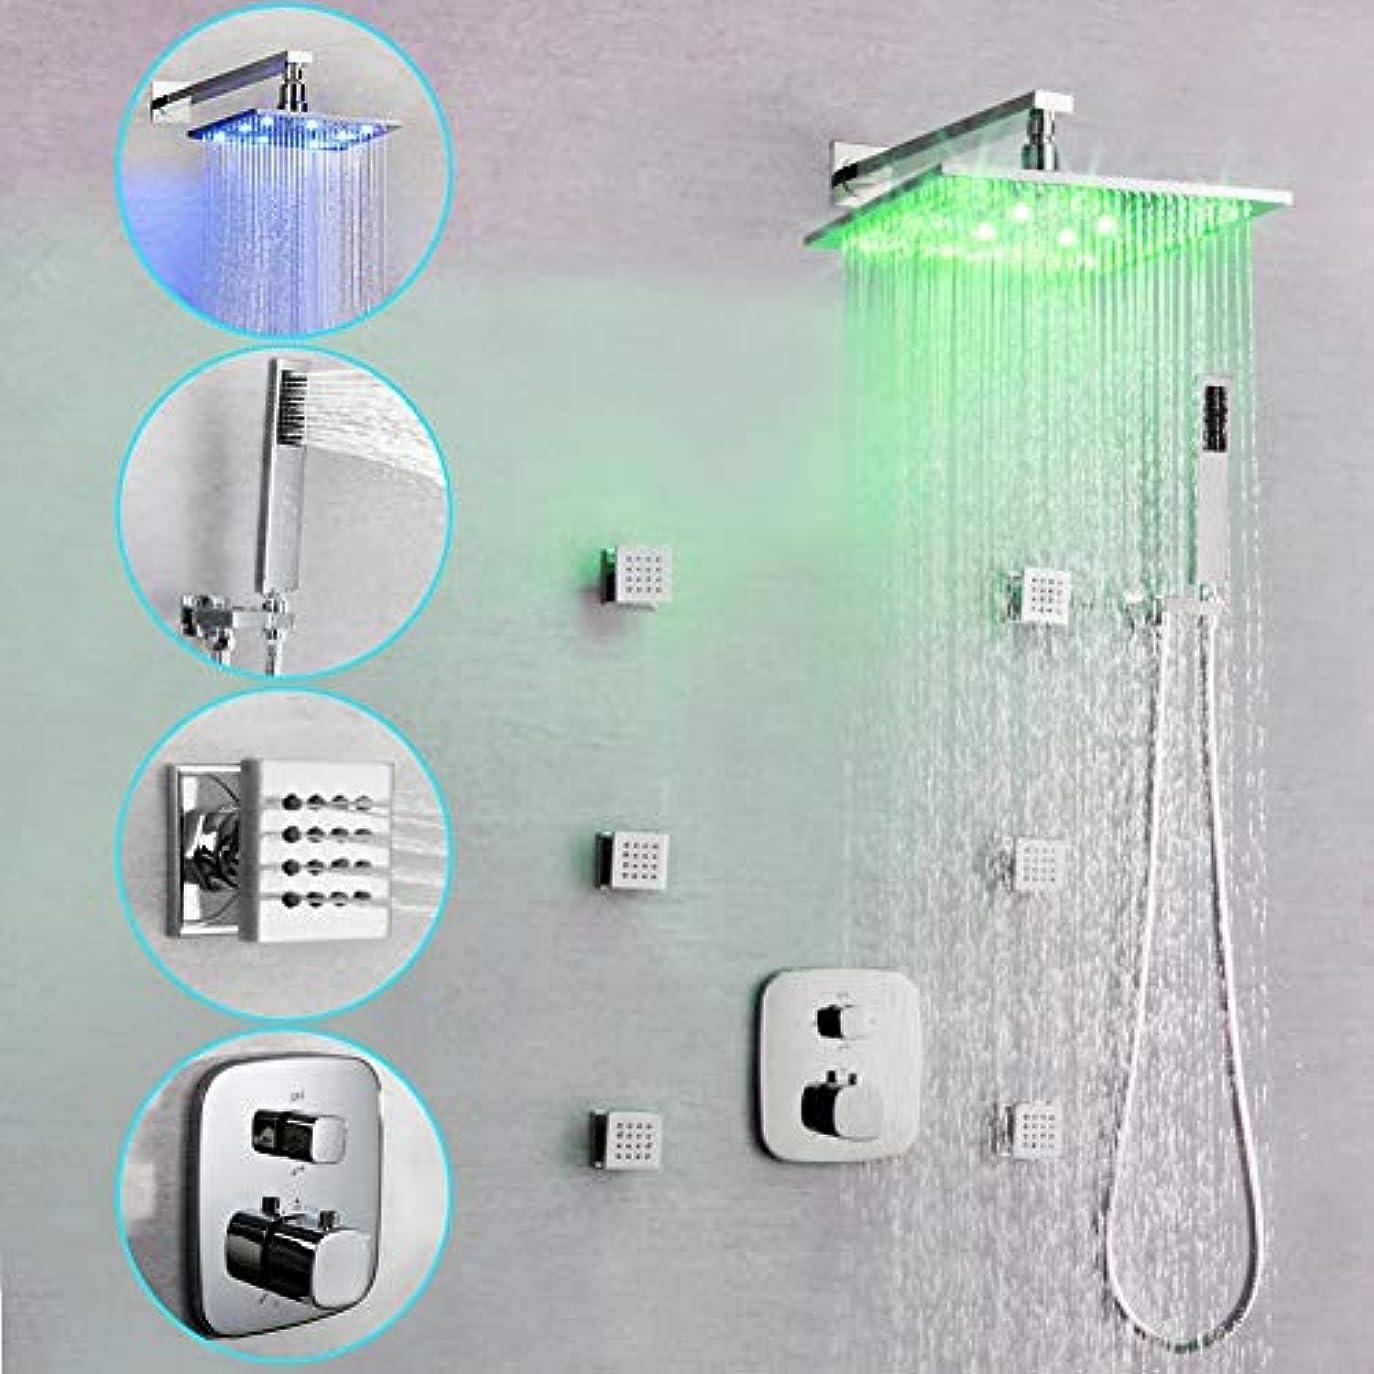 異なる素朴な始めるLEDシャワーシステム、シャワー蛇口 - シャワー蛇口 - 現代LEDクロームウォールマウントボディマッサージジェットシャワーミキサータップ回転スパウト (サイズ : 30x30cm)